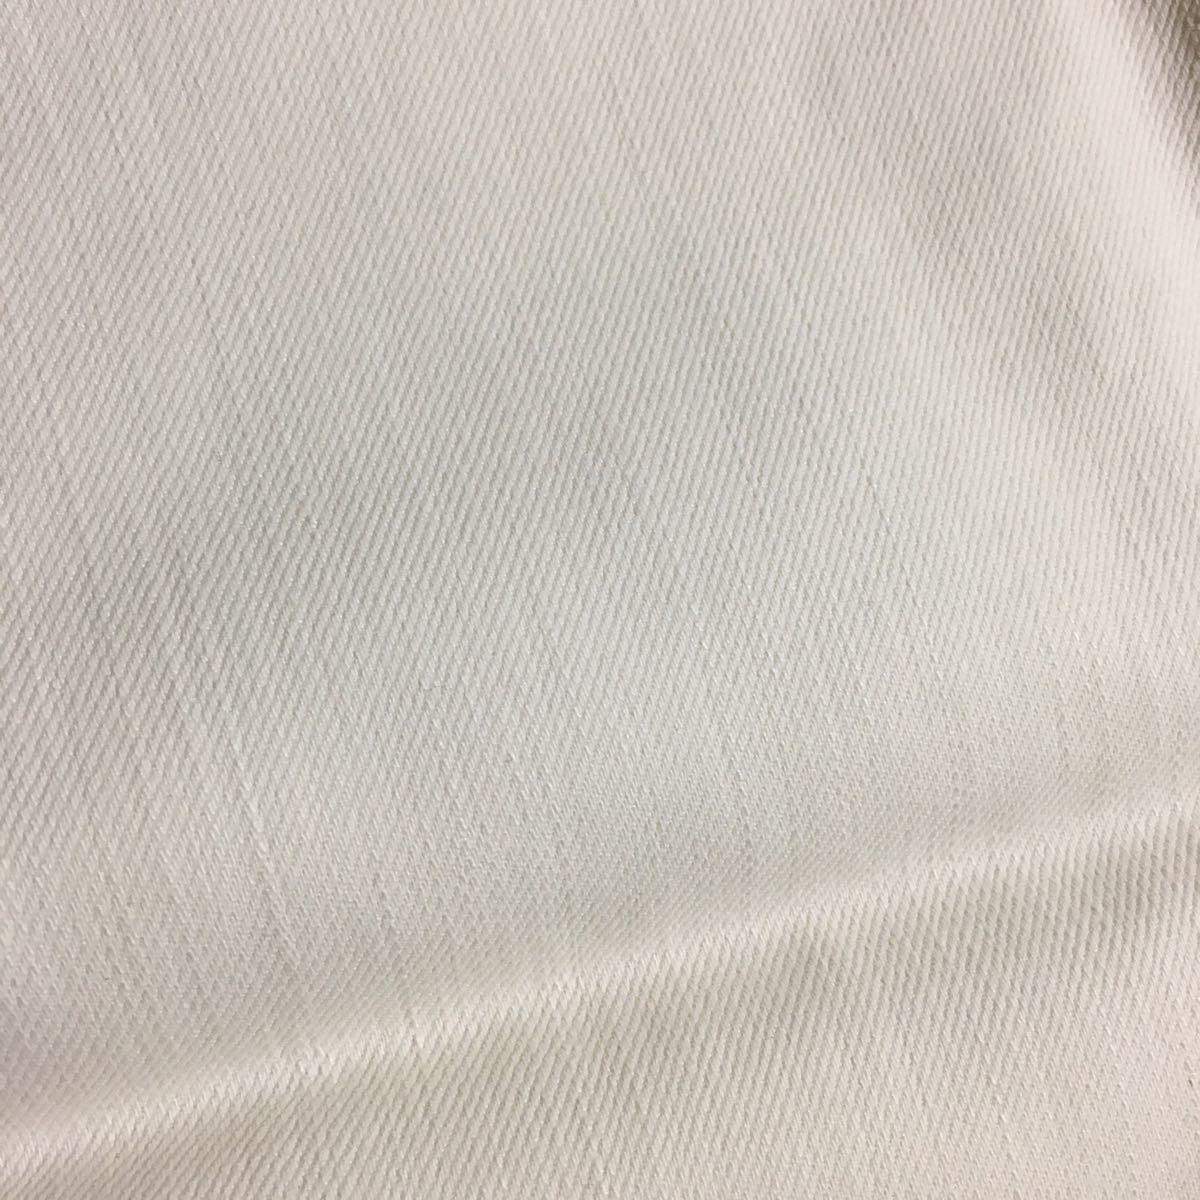 生地 ホワイトデニム 53 x110幅  縫いやすい薄手 横ストレッチ入り 1点のみ はぎれ